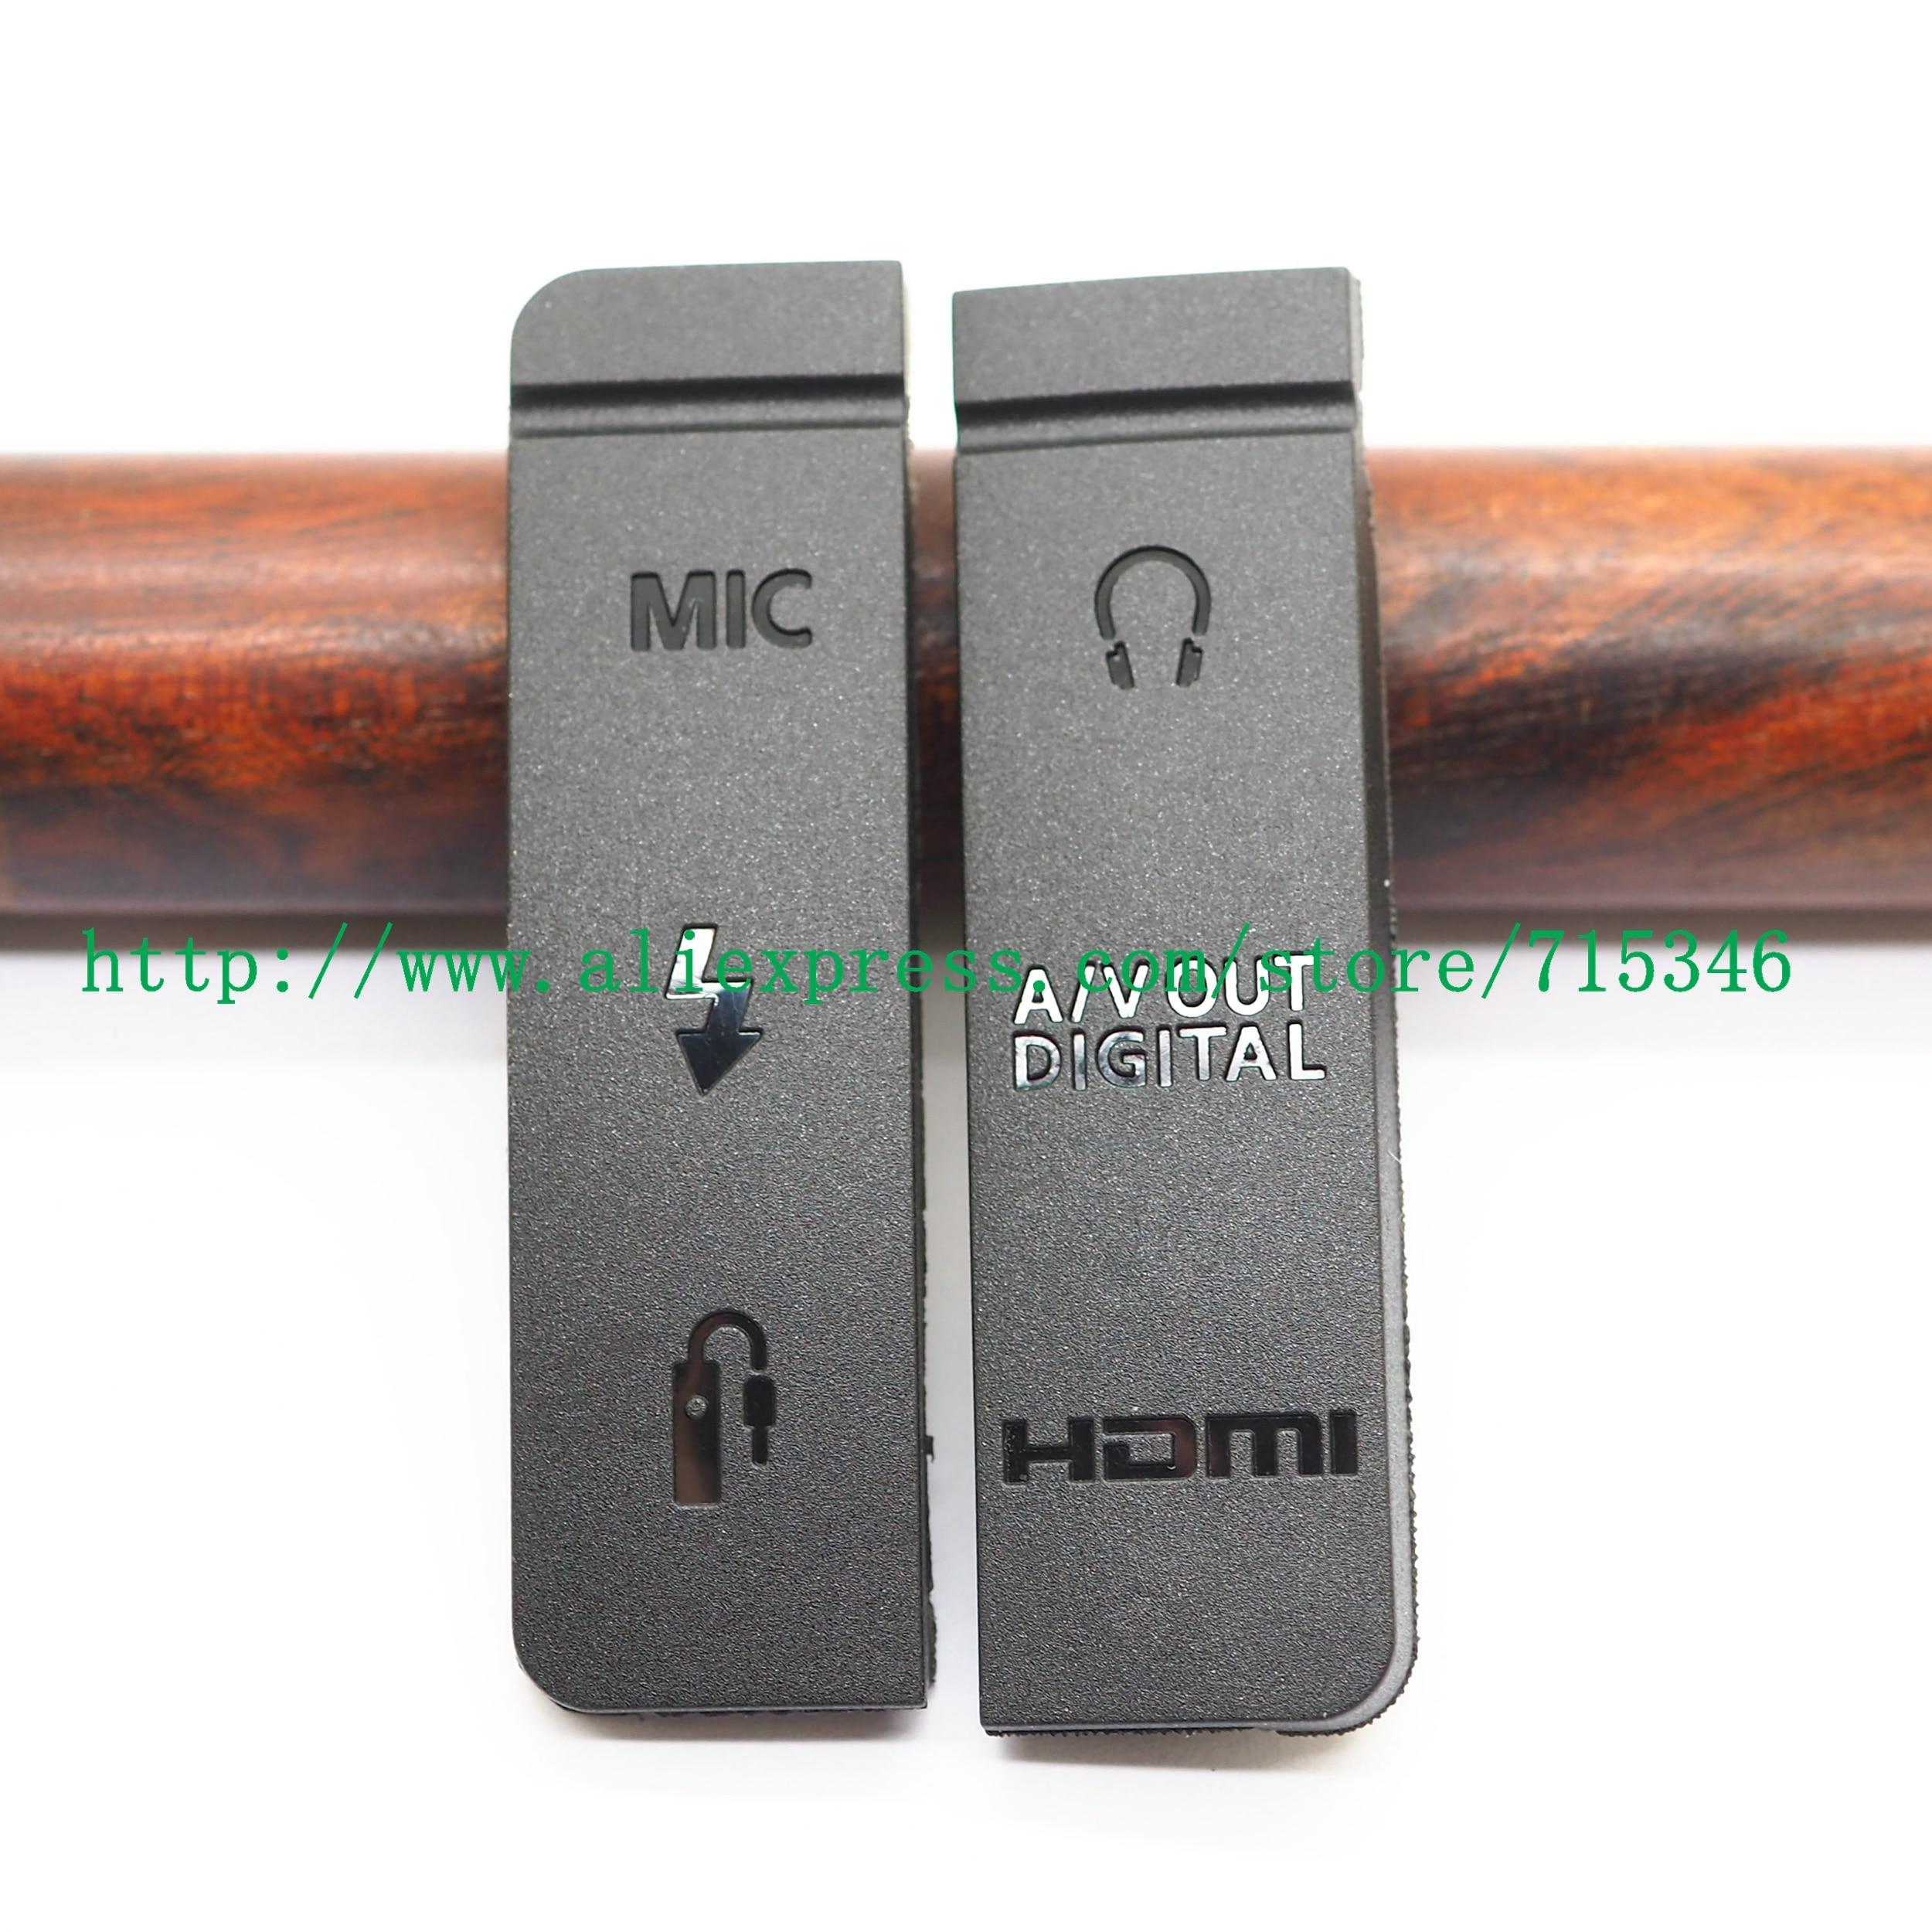 Couvercle inférieur de porte en caoutchouc pour caméra Canon EOS EOS 5D Mark III / 5DIII/5D3, compatible USB/HDMI, entrée/sortie vidéo, haute qualité